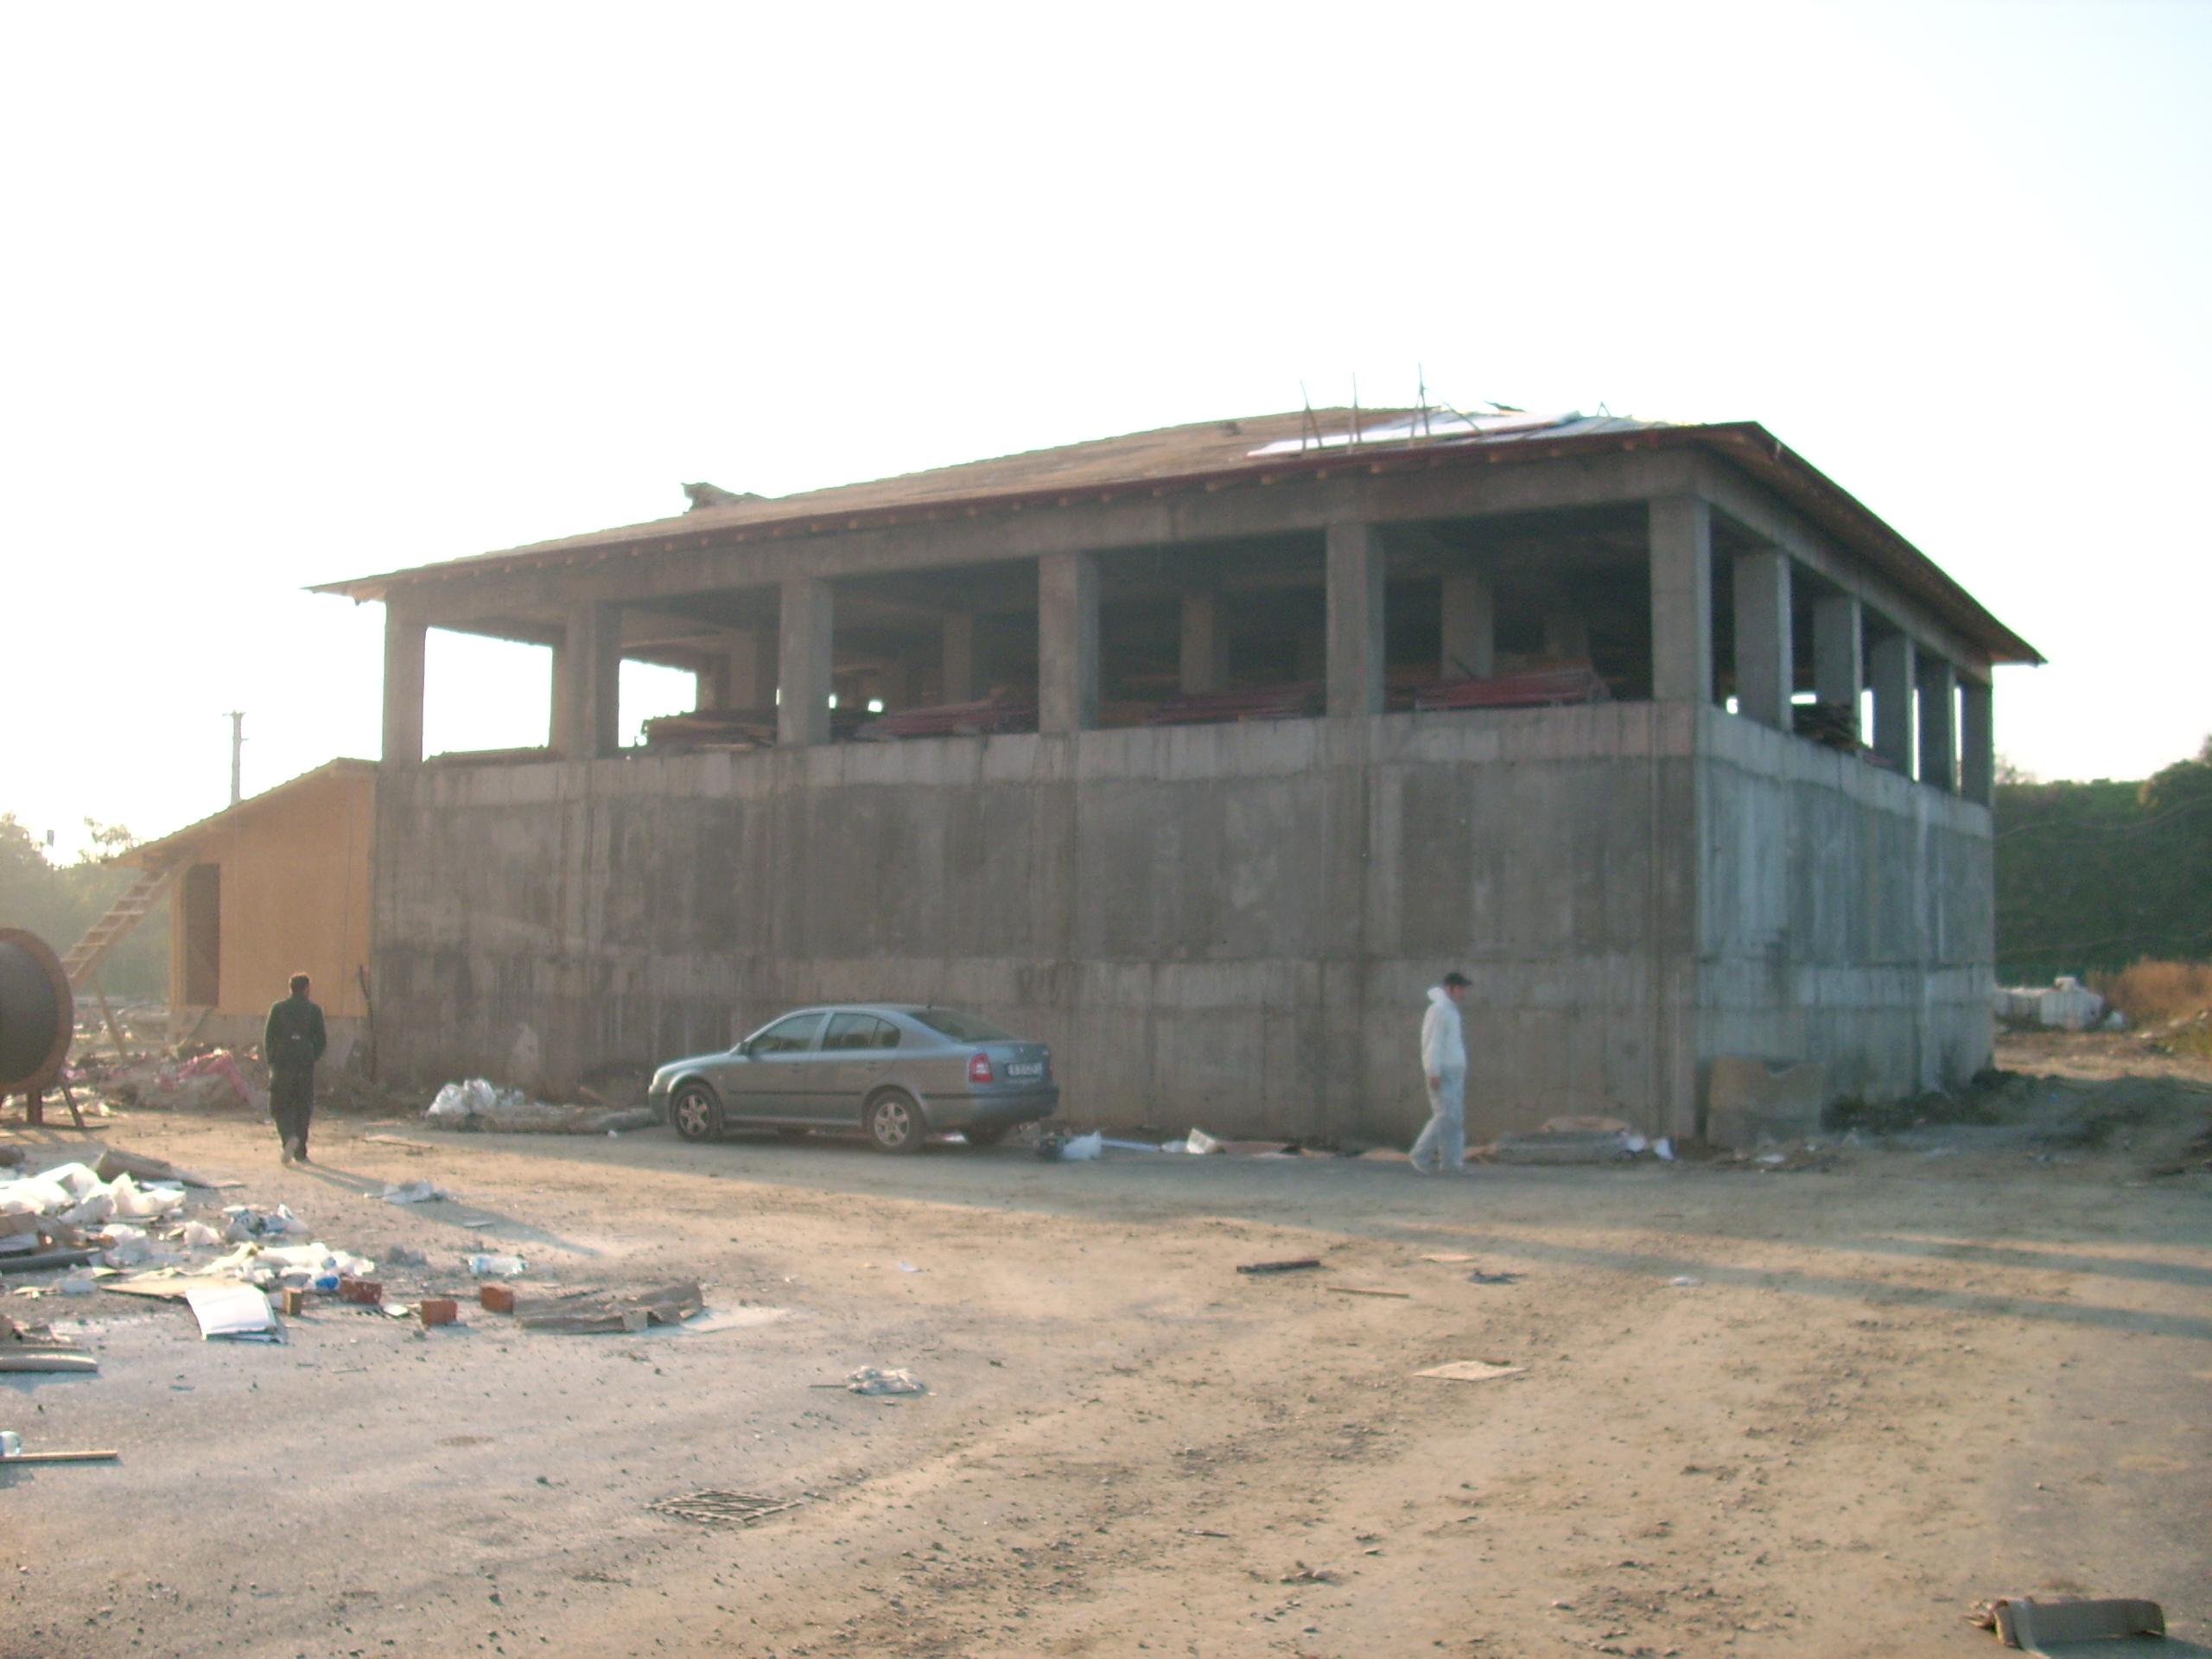 Etansare gauri tiranti - PRO HOTELS - Bazin apa - Complexul City Confort UNICO PROFIT - Poza 7